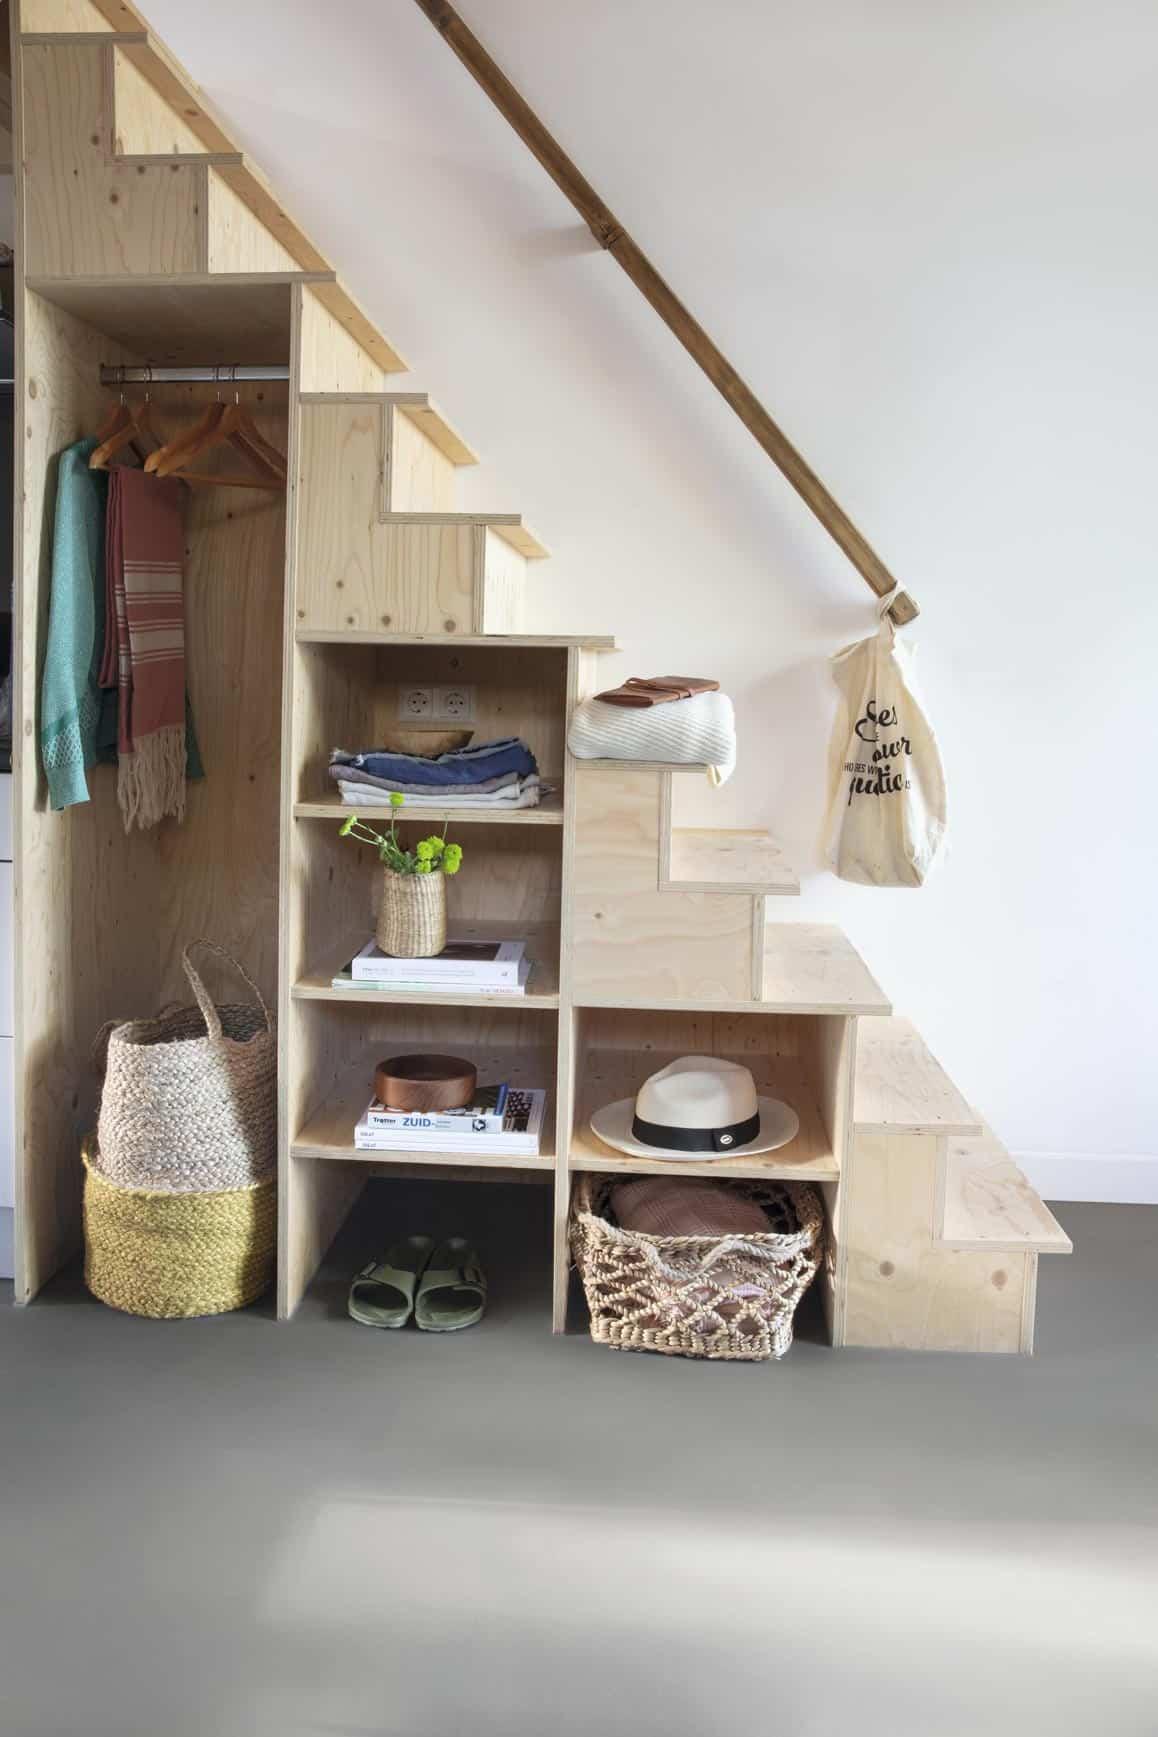 Encajando grandes ideas de decoración en pequeños hogares 8